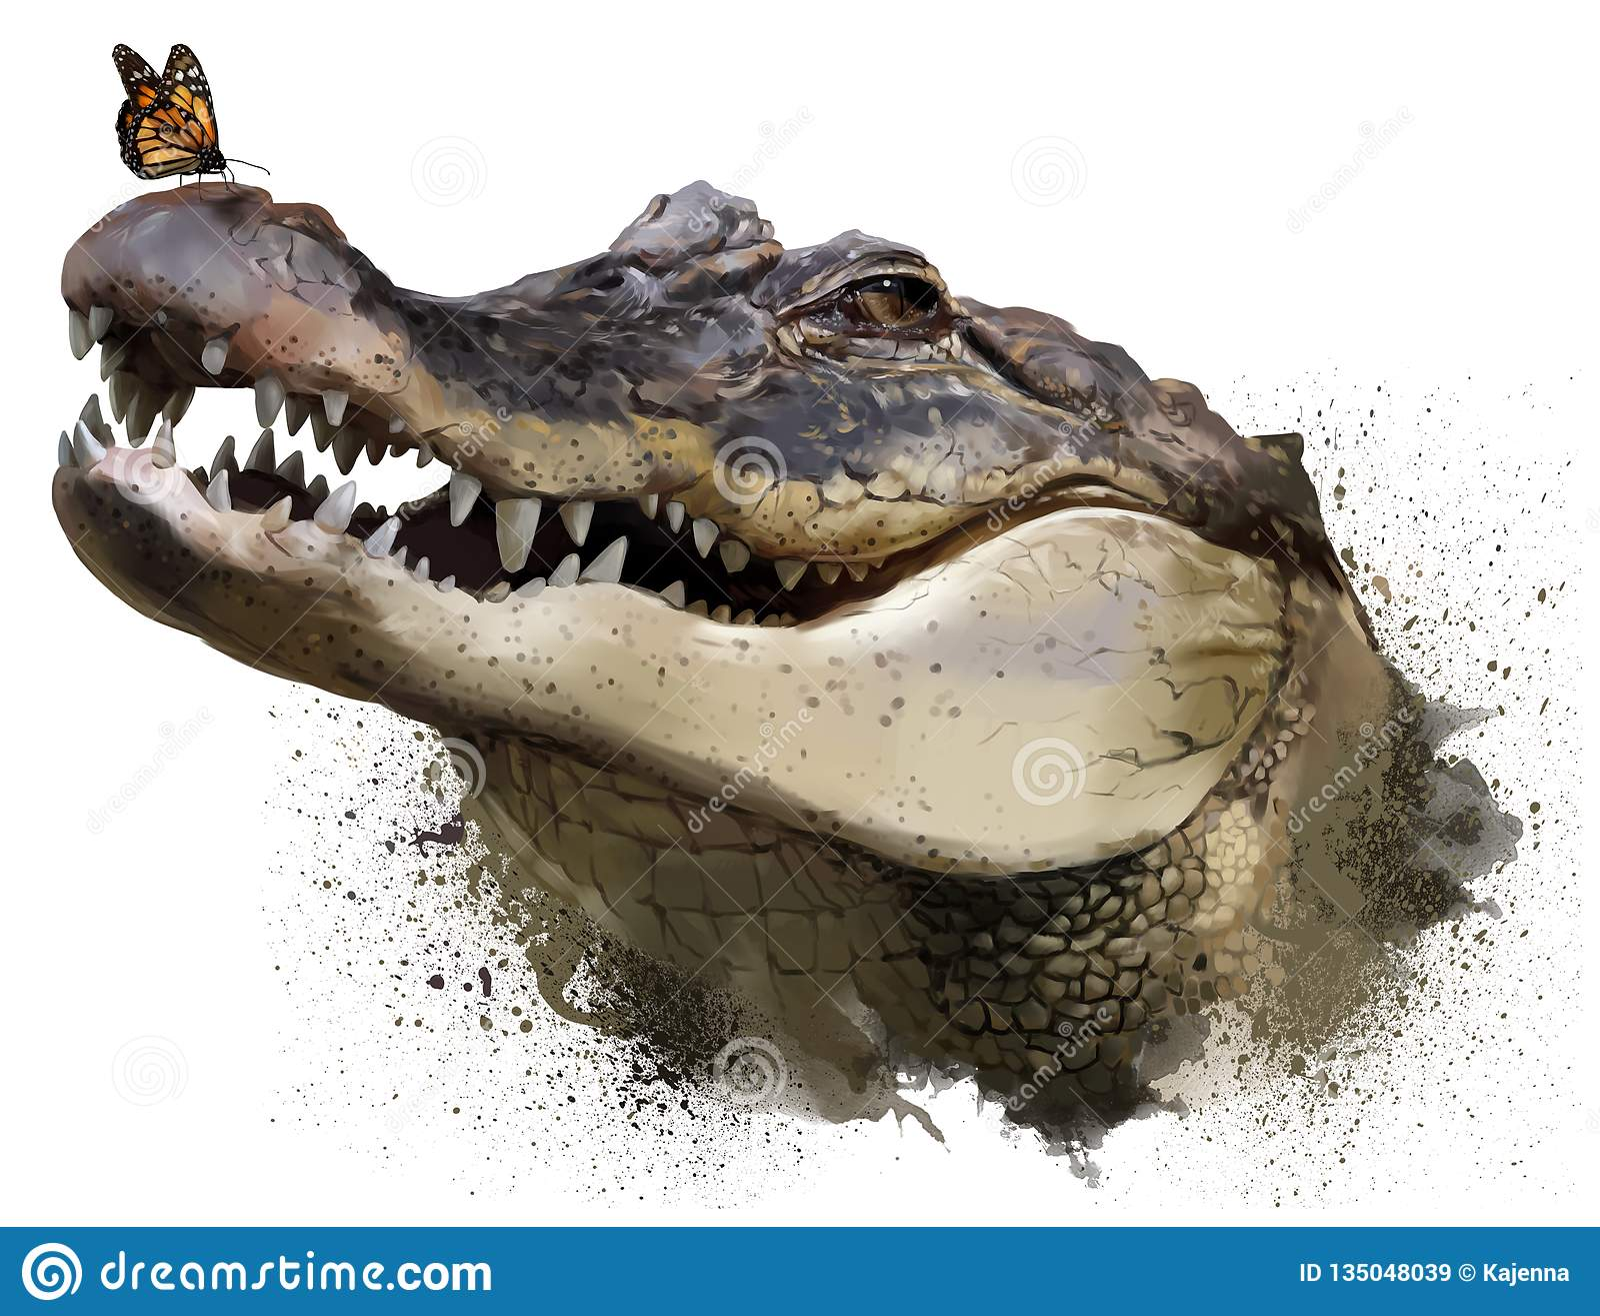 Крокодил и бабочка монарха самана коррекций высокая картины photoshop качества развертки акварель очень